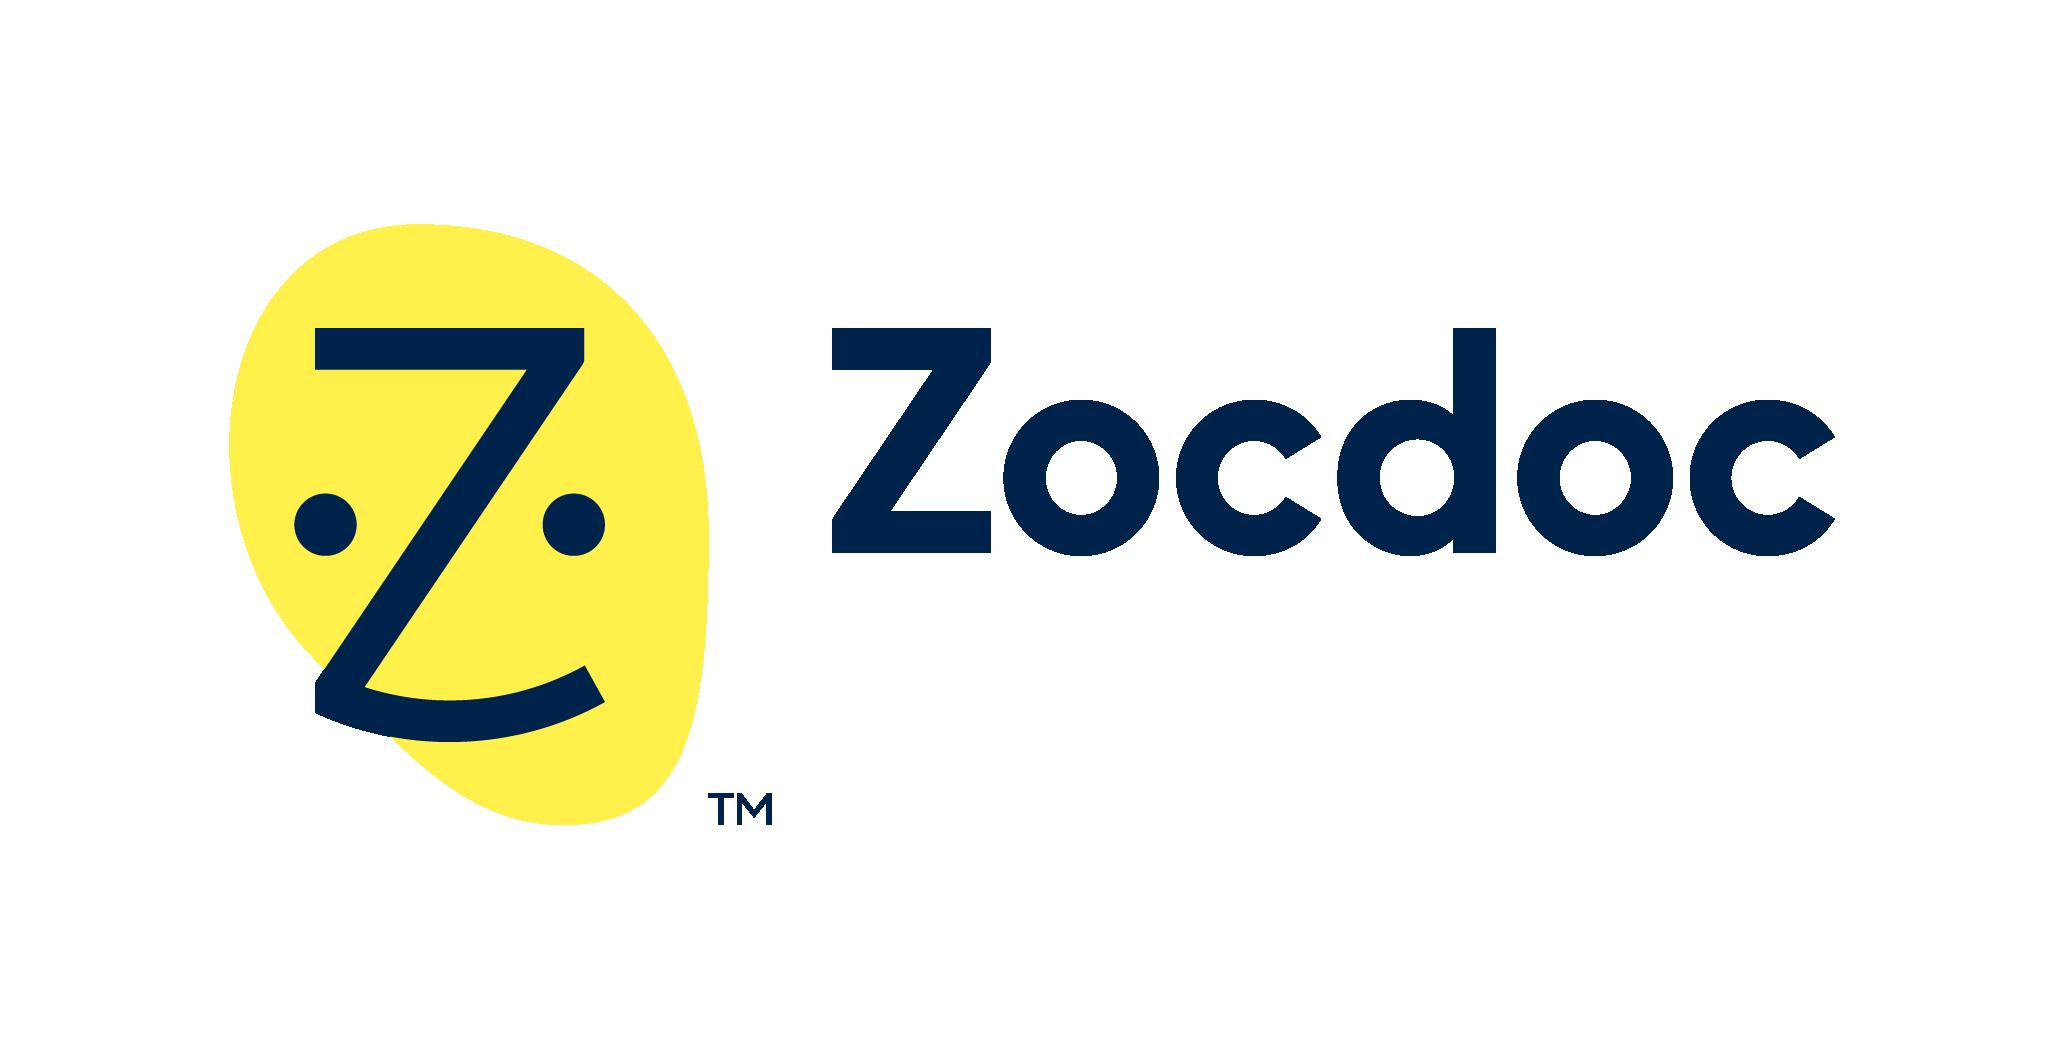 Zocdoc - Wikipedia